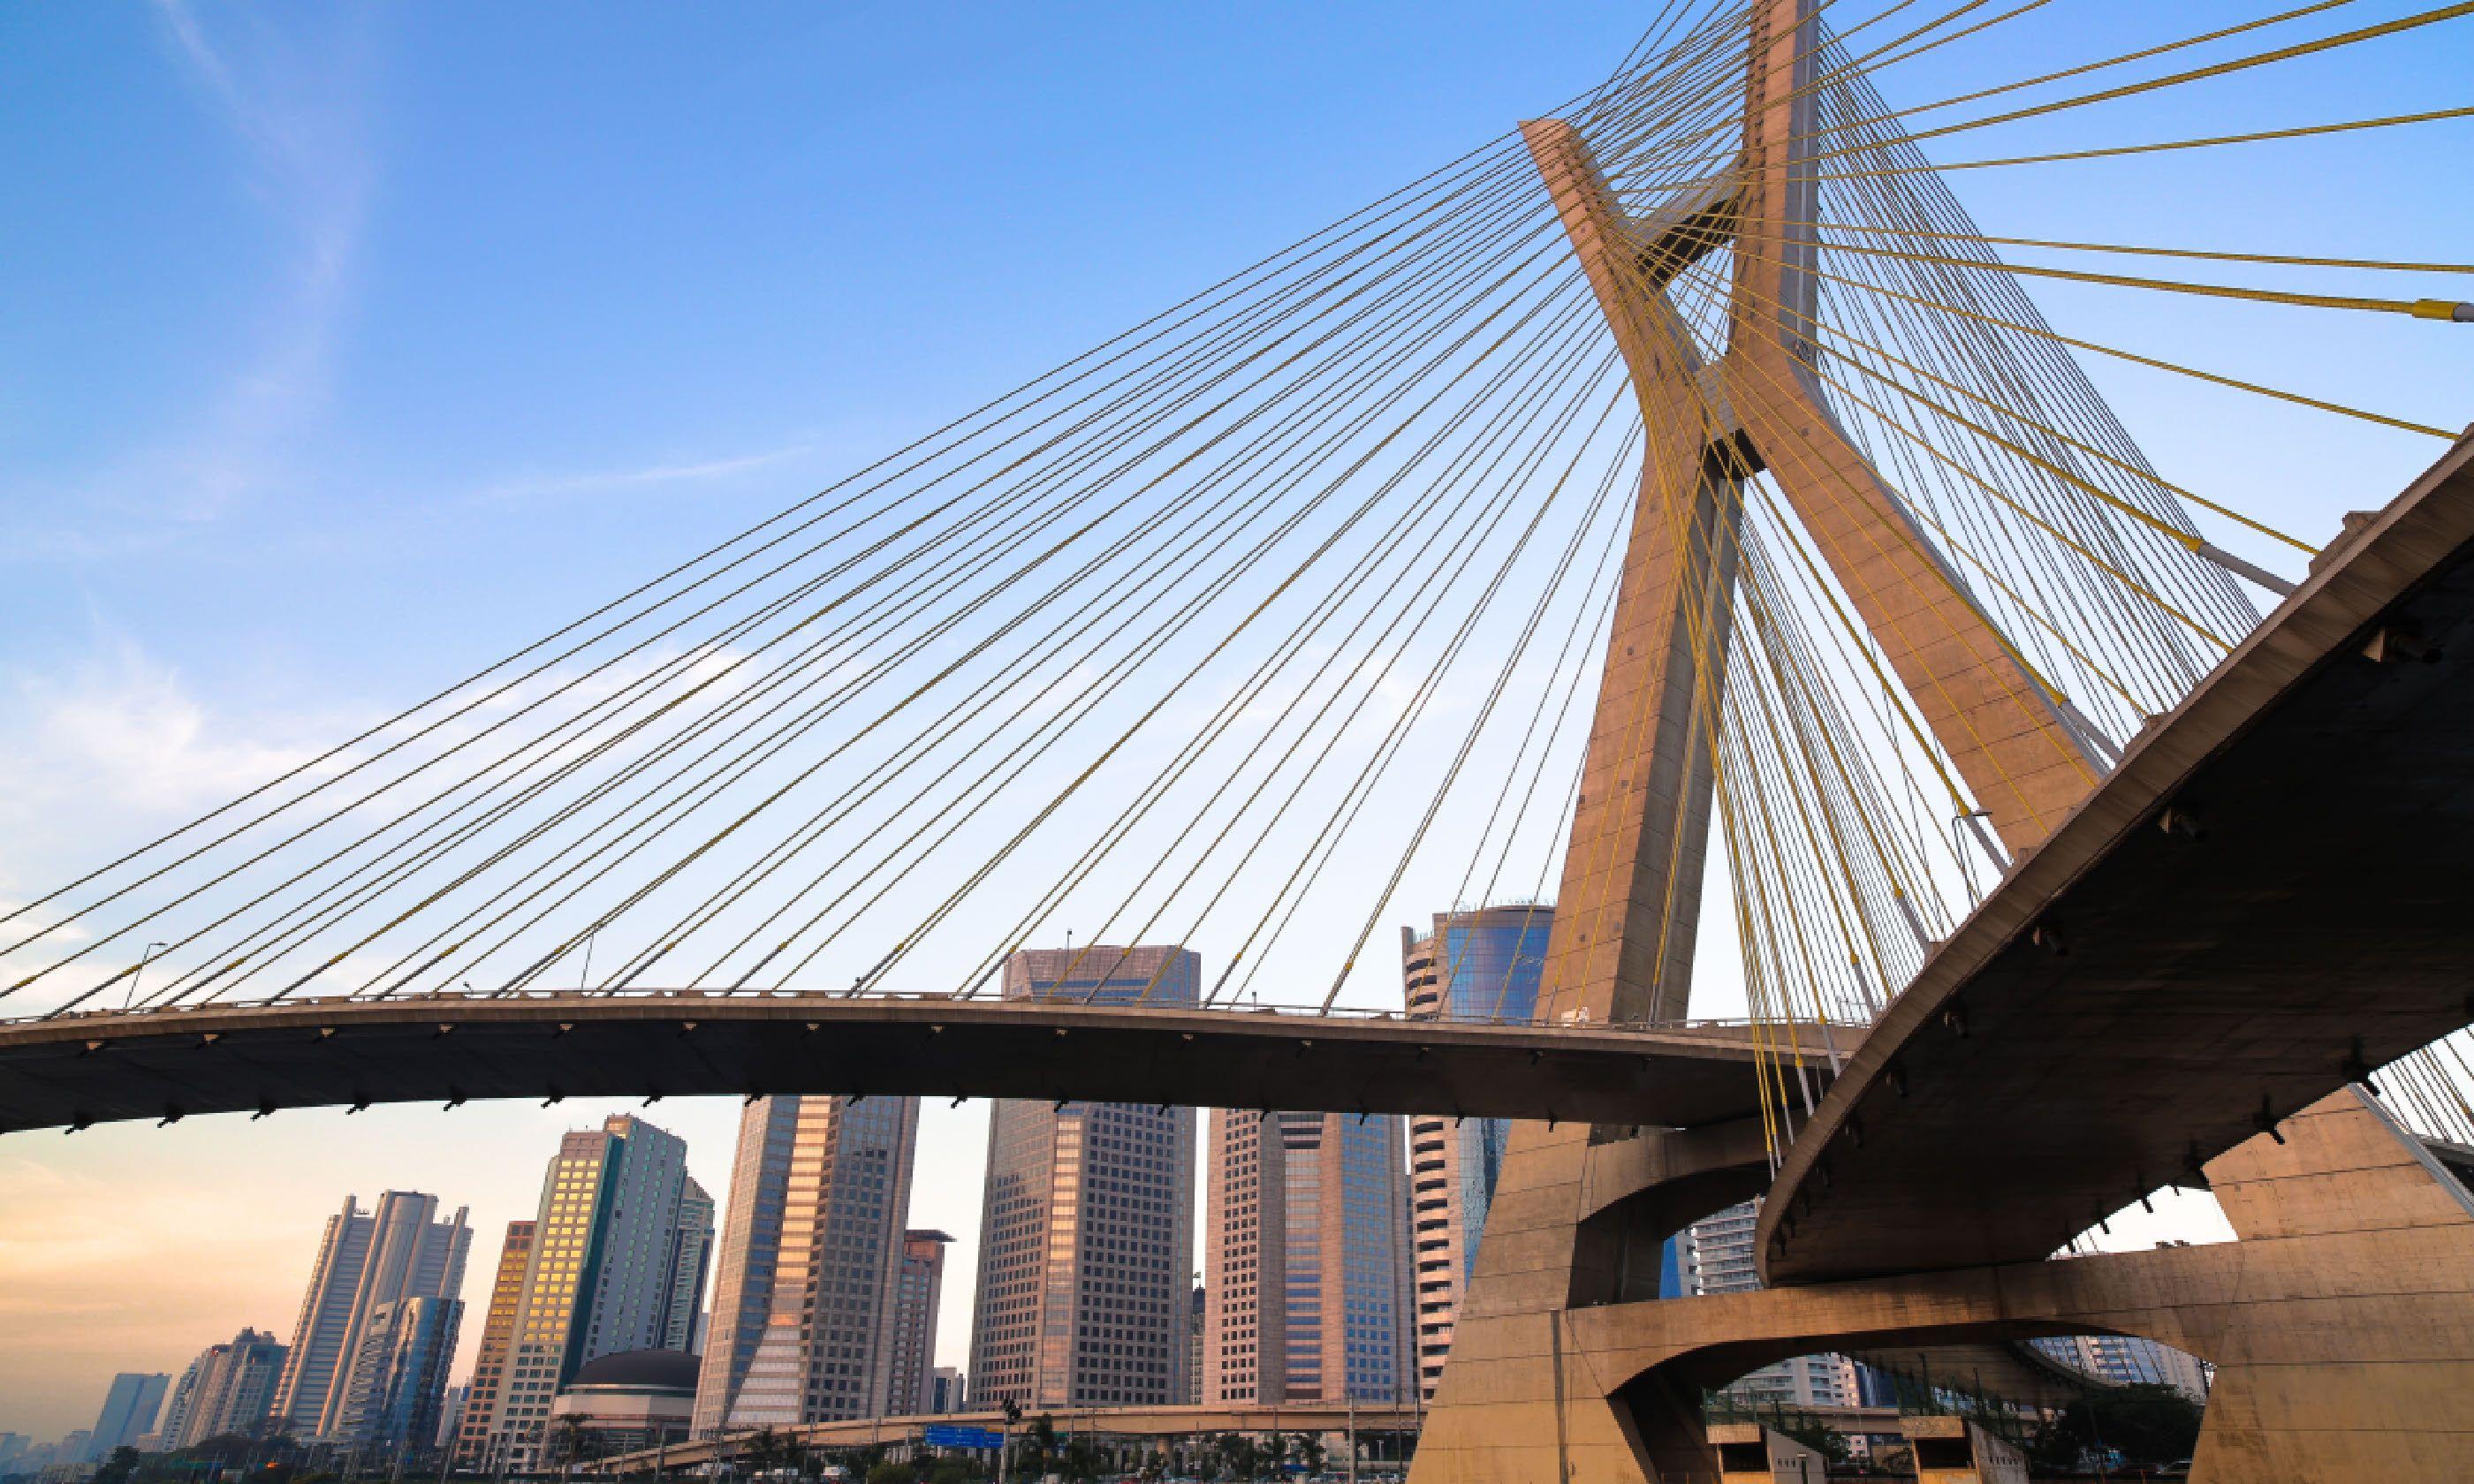 Estaiada Bridge (Shutterstock)